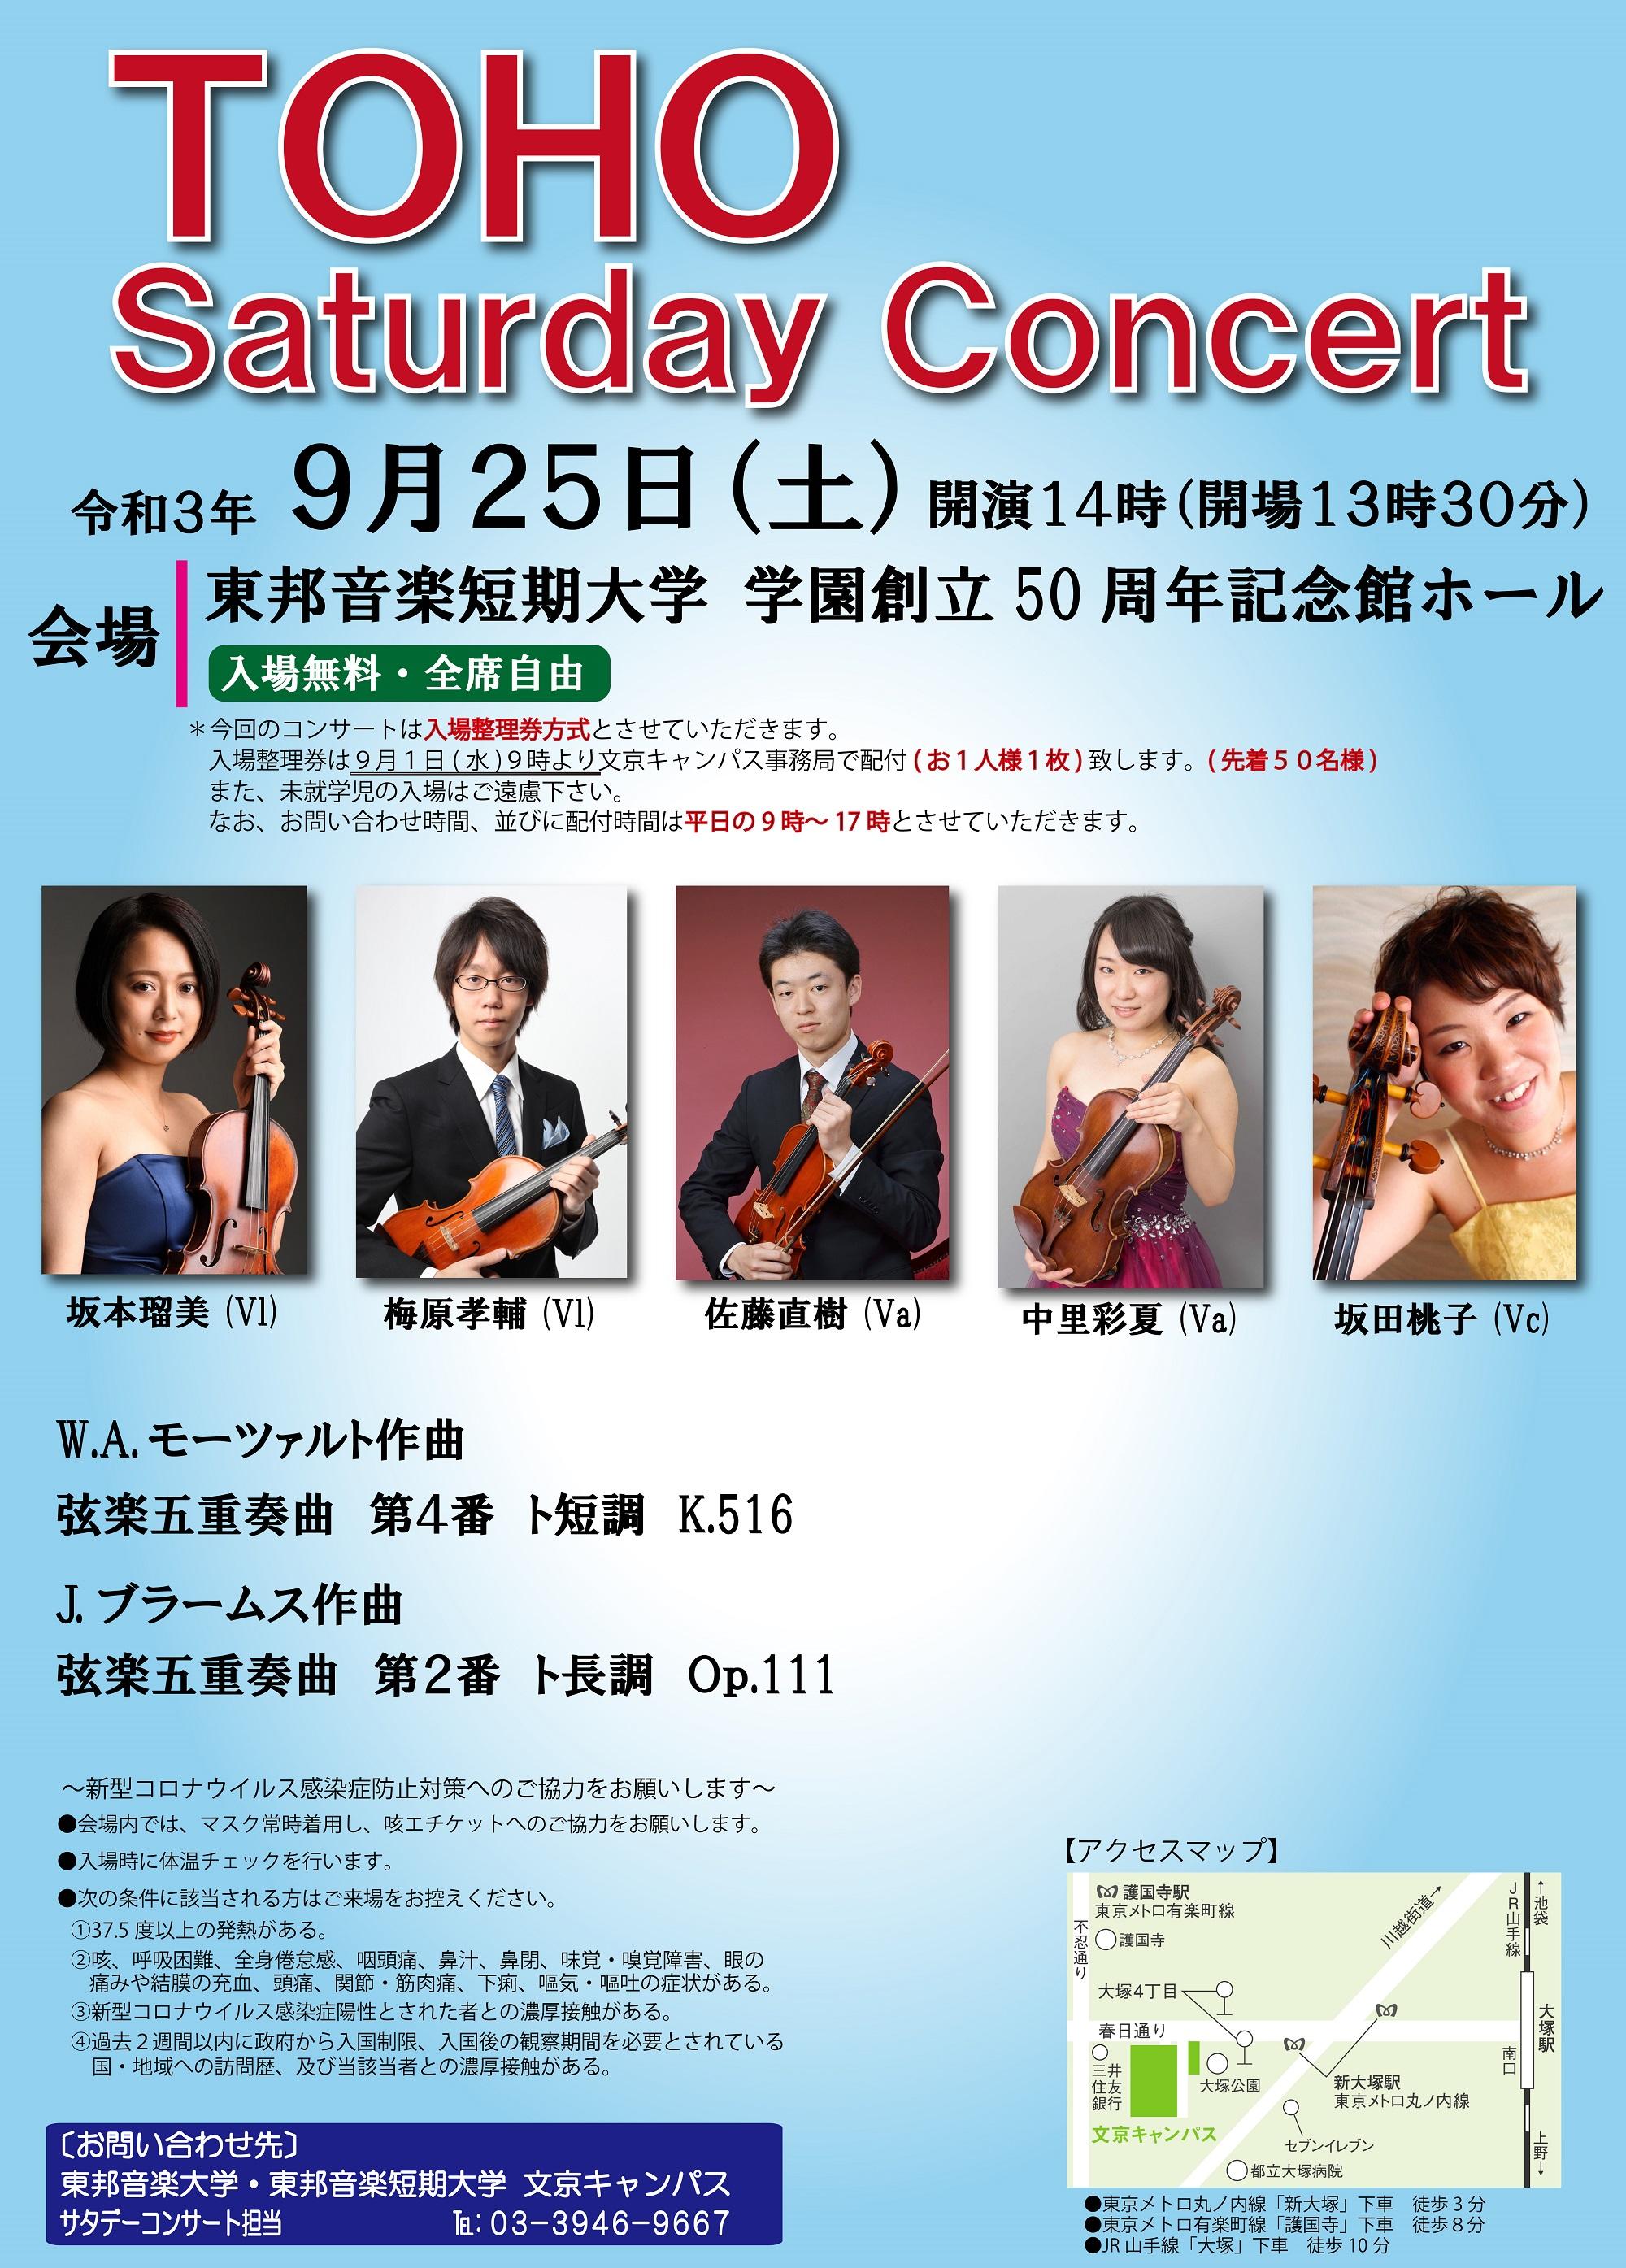 2021年9月25日(土) TOHO Saturday Concert サタデーコンサート